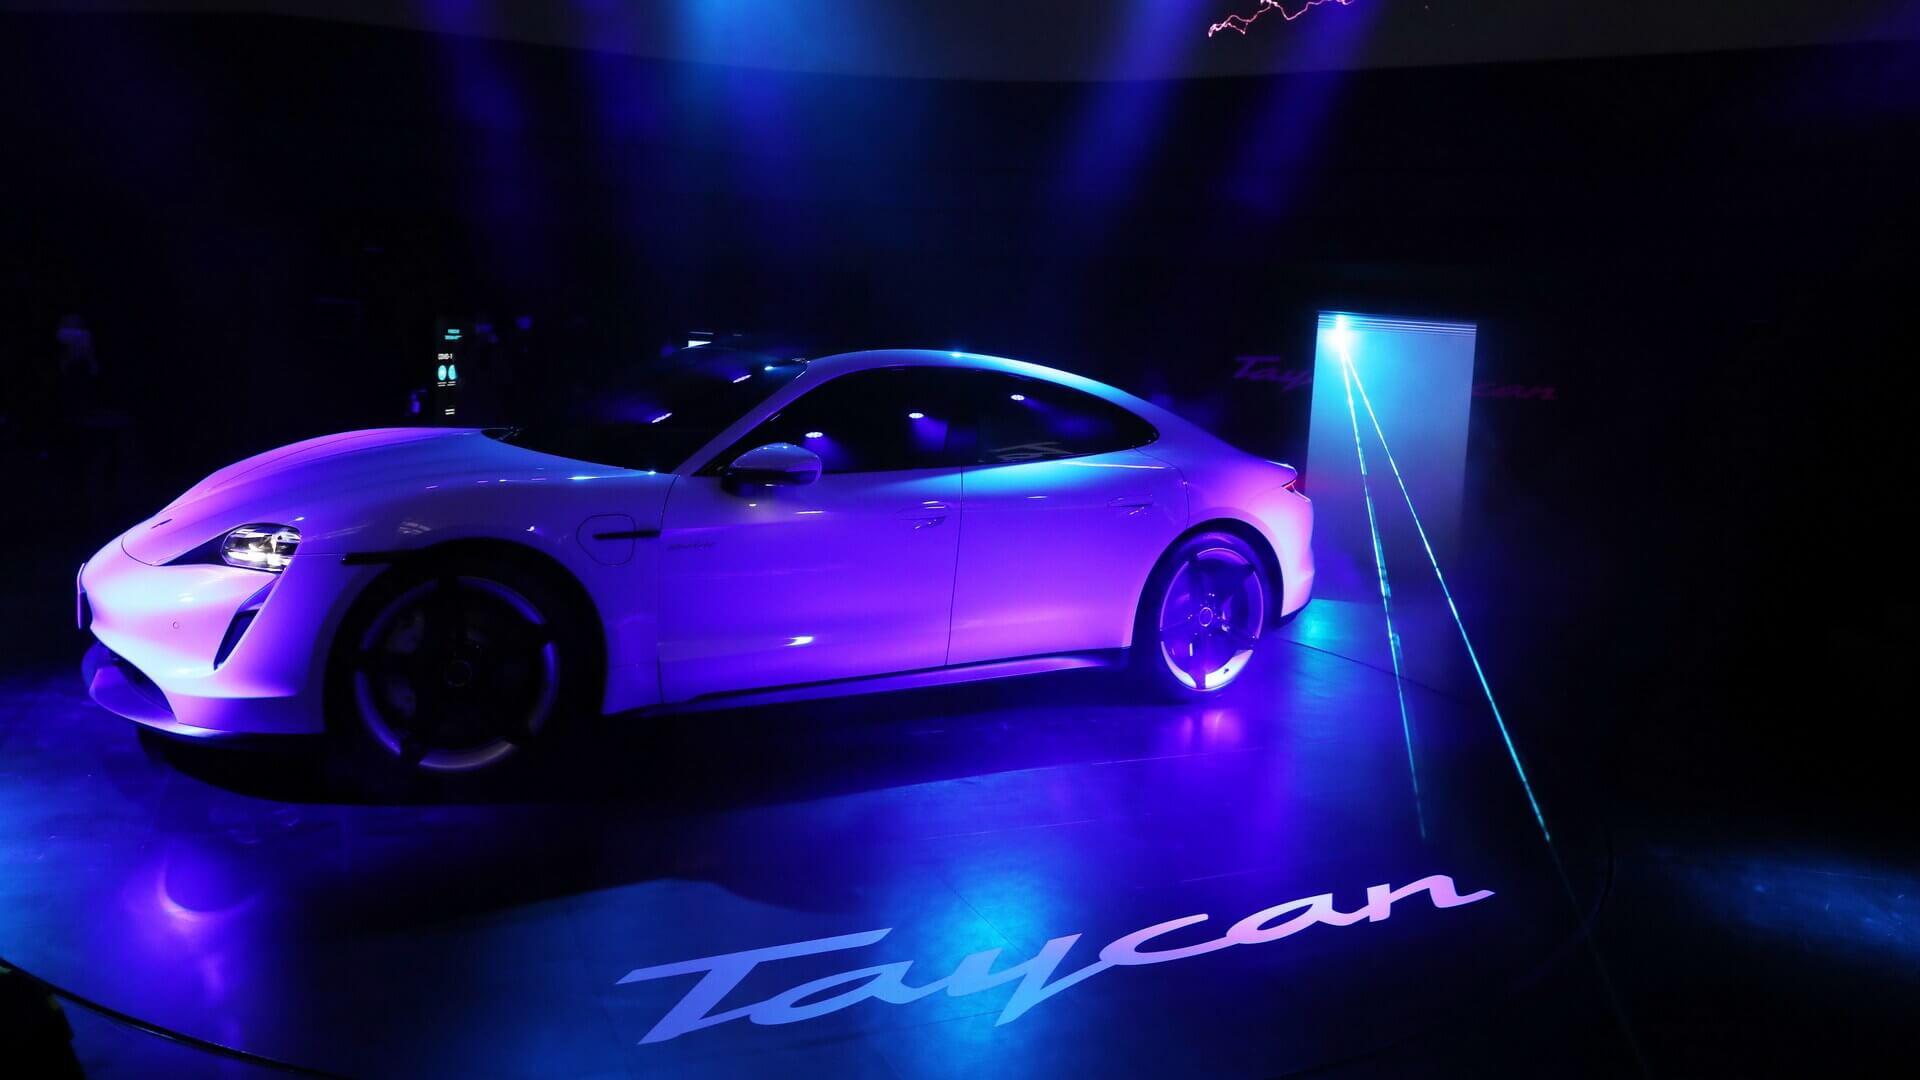 Porsche Taycan запускается вЮжной Корее сзахватывающим голограммным шоу